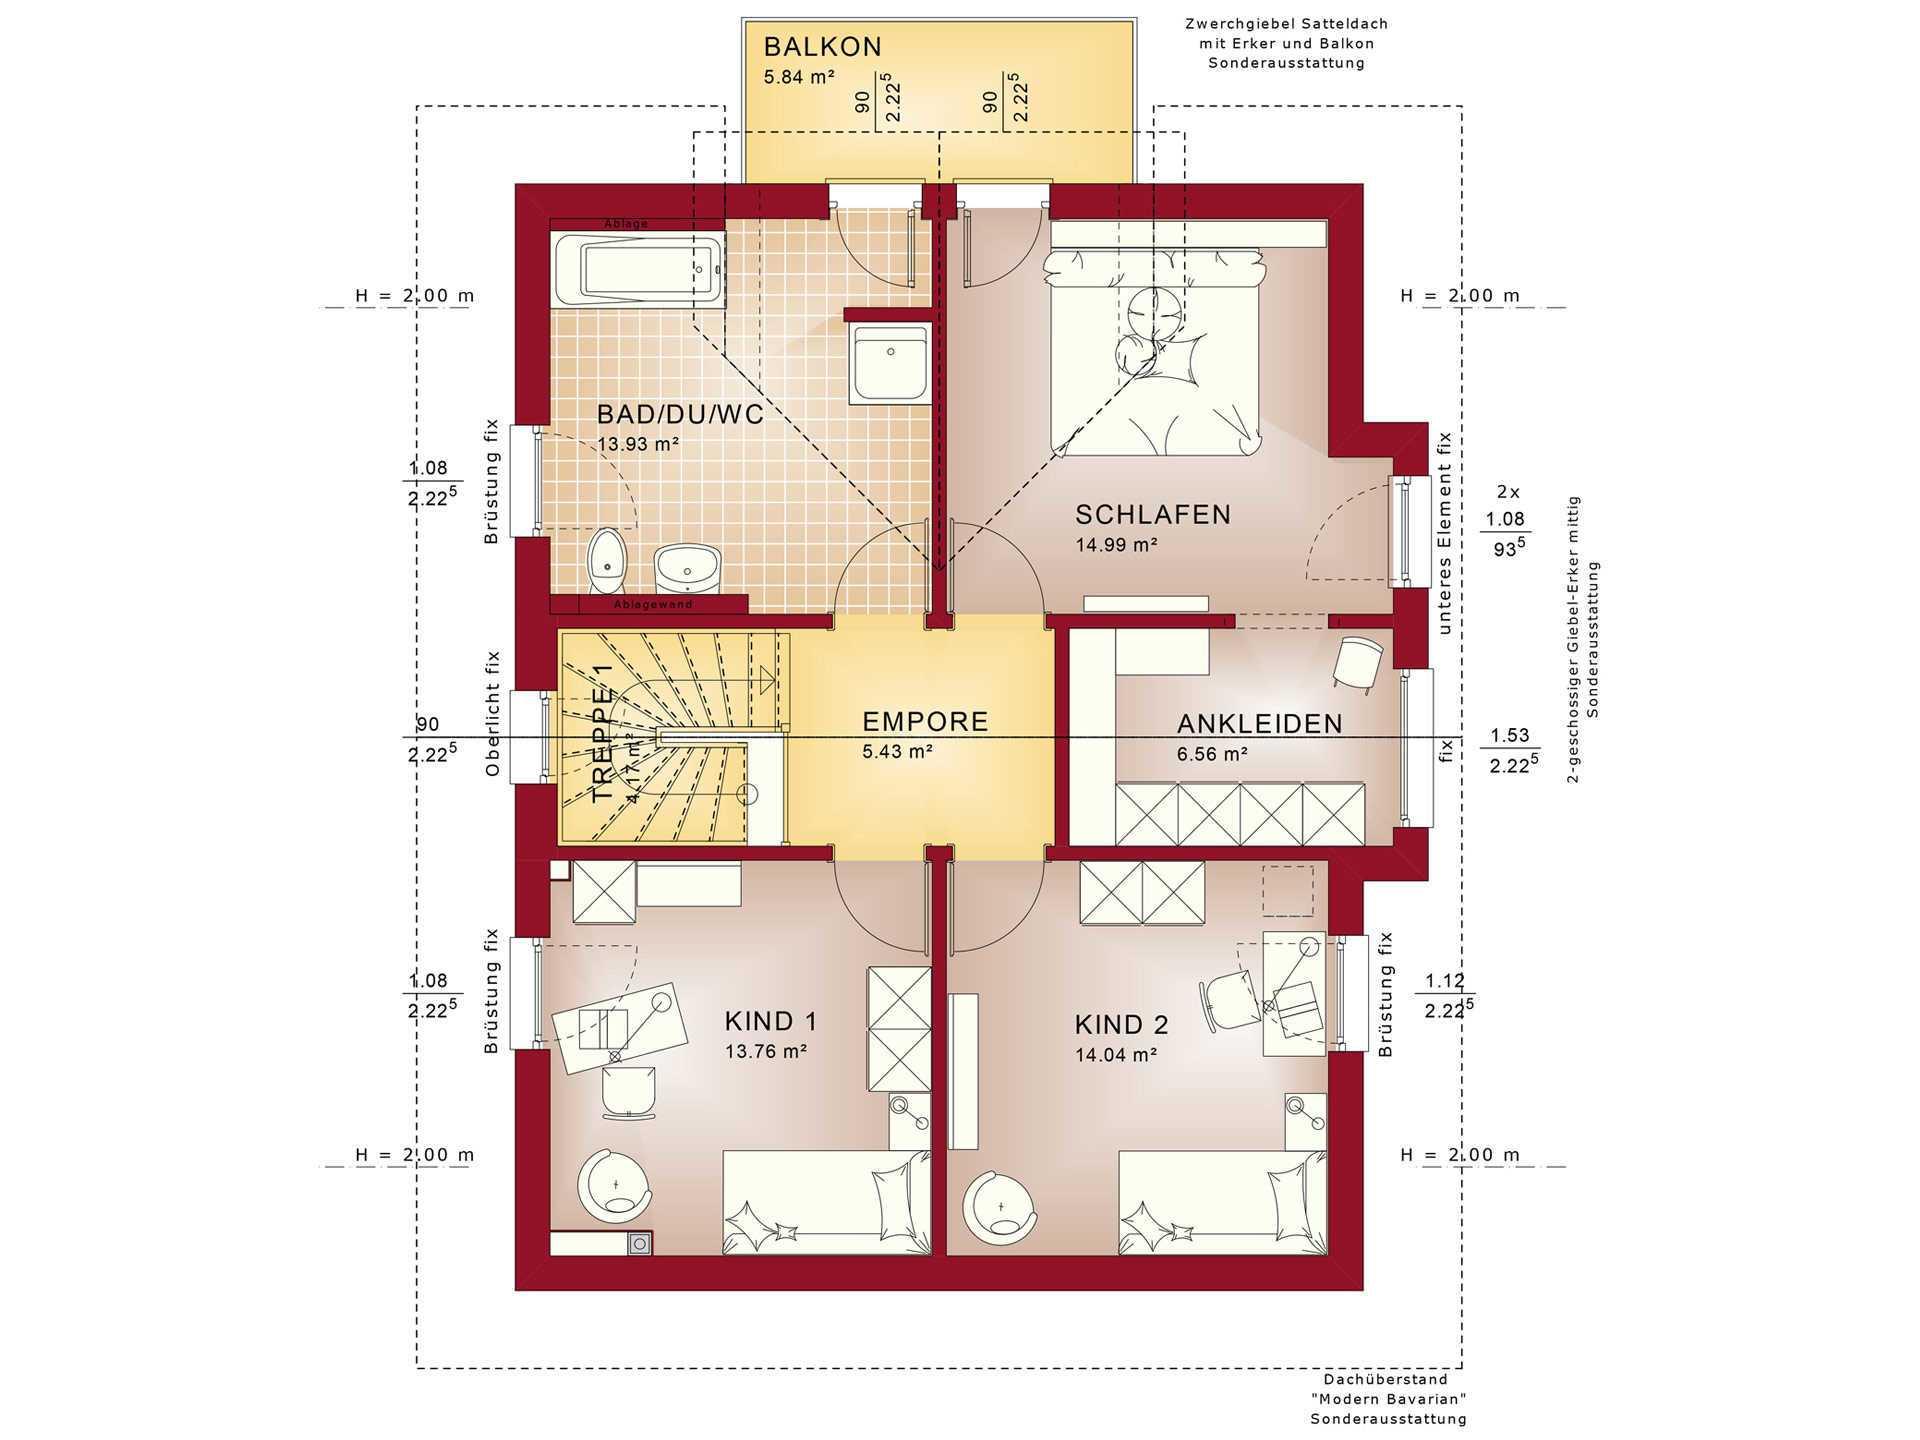 ^ elebration 137 V11 - infamilienhaus - Bien-Zenker